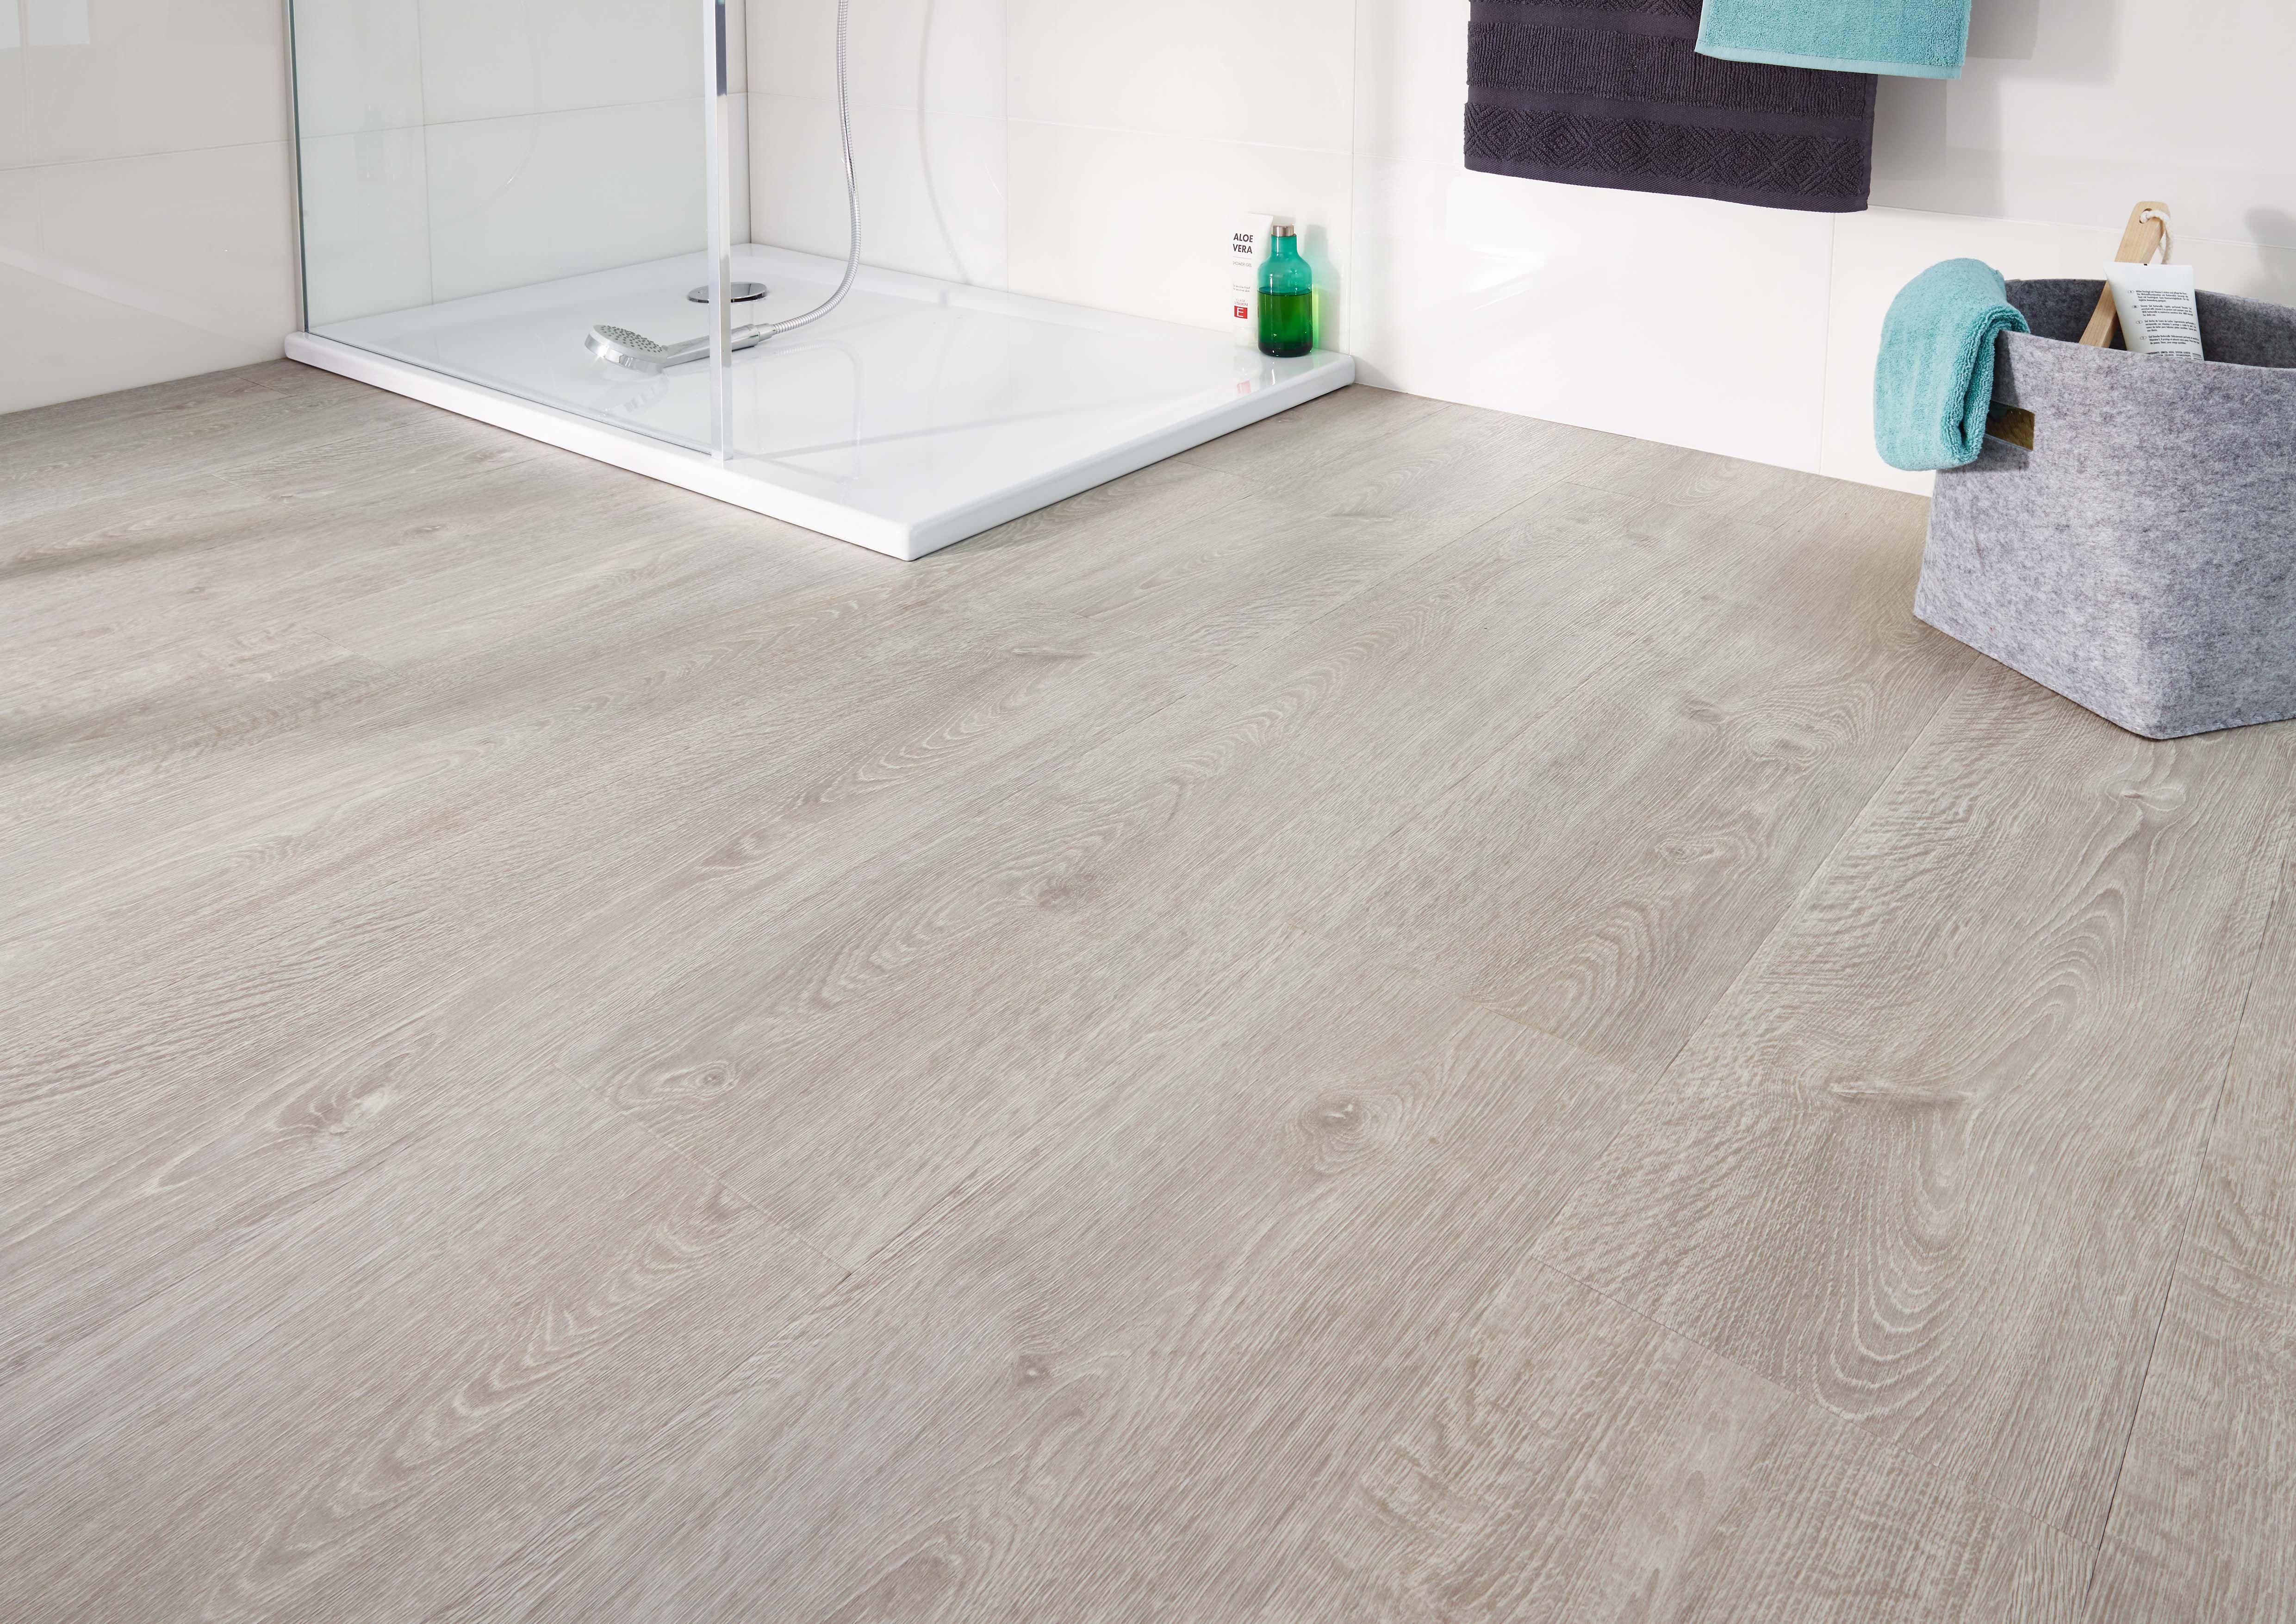 Bathroom floor with design floor lvt luxury vinyl tiles by jab